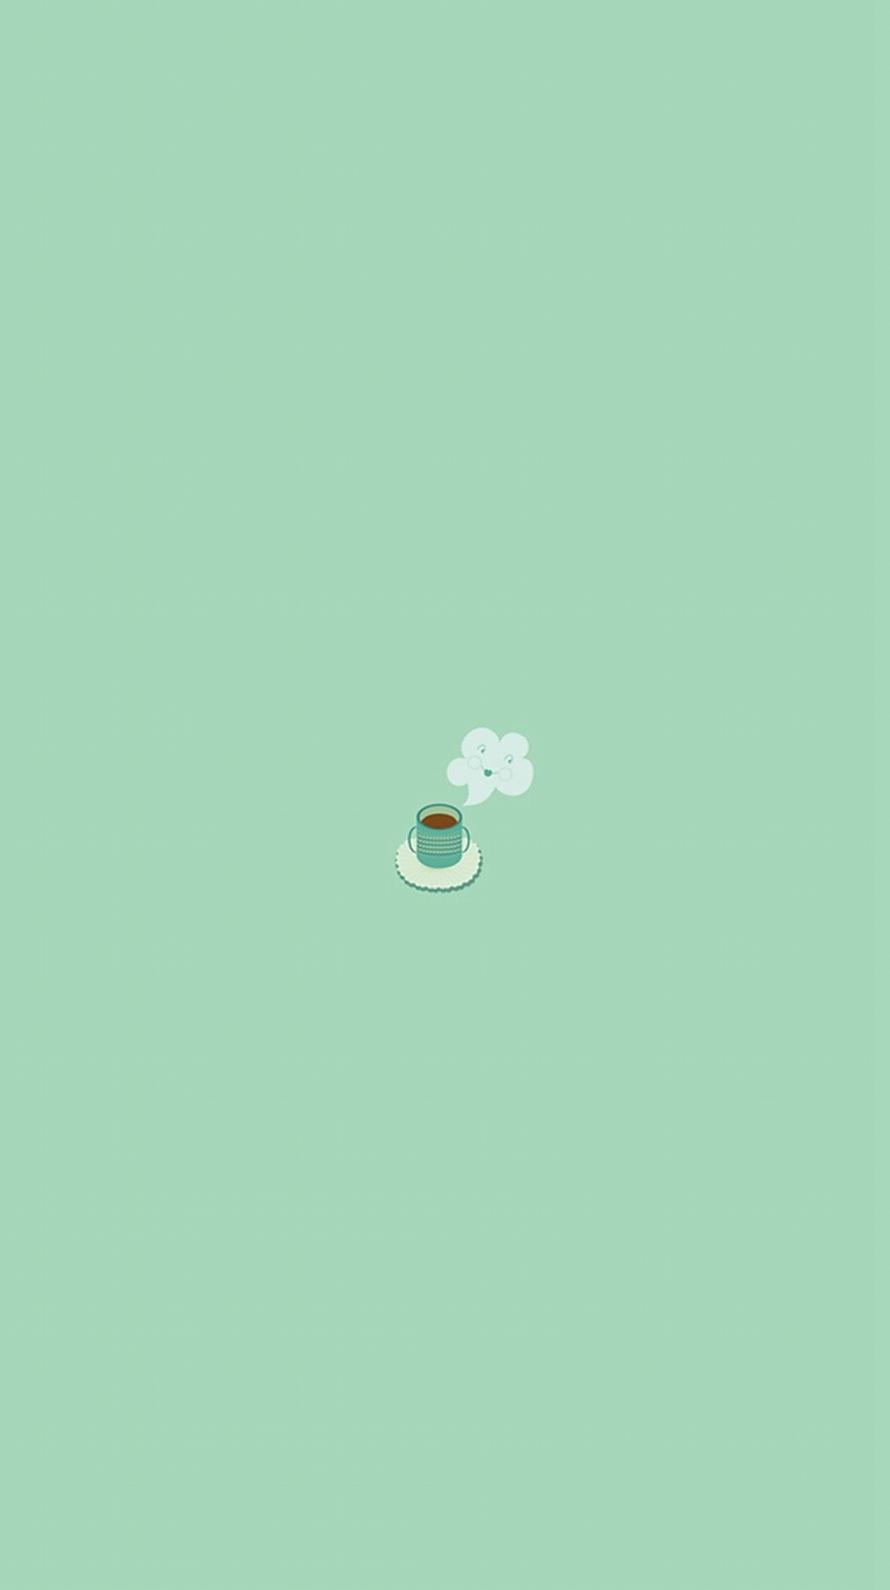 コーヒーブレイク 休憩 iPhone6壁紙